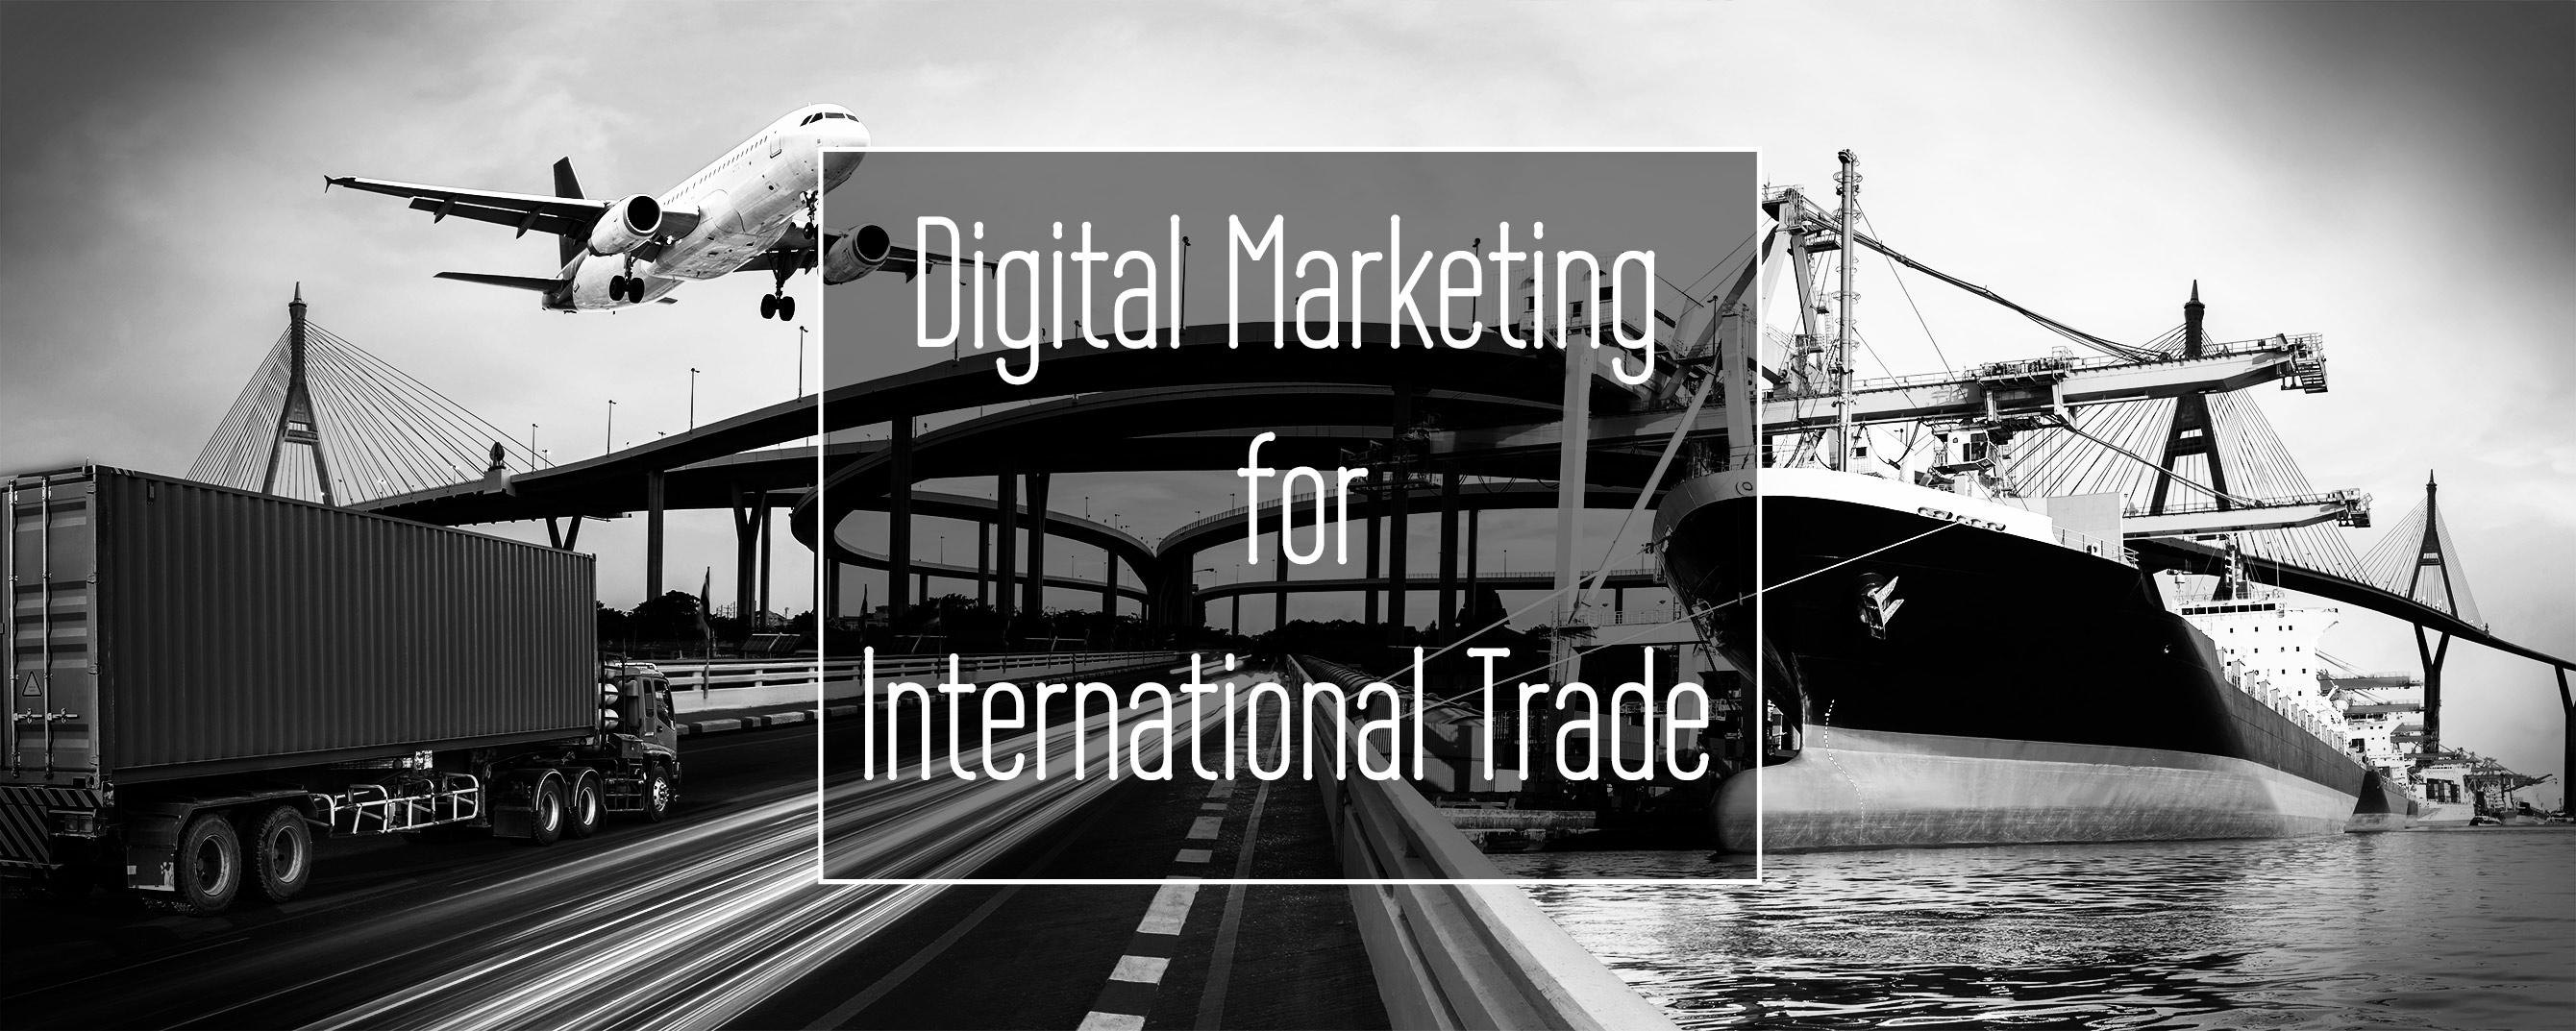 Digital Marketing for International Trade